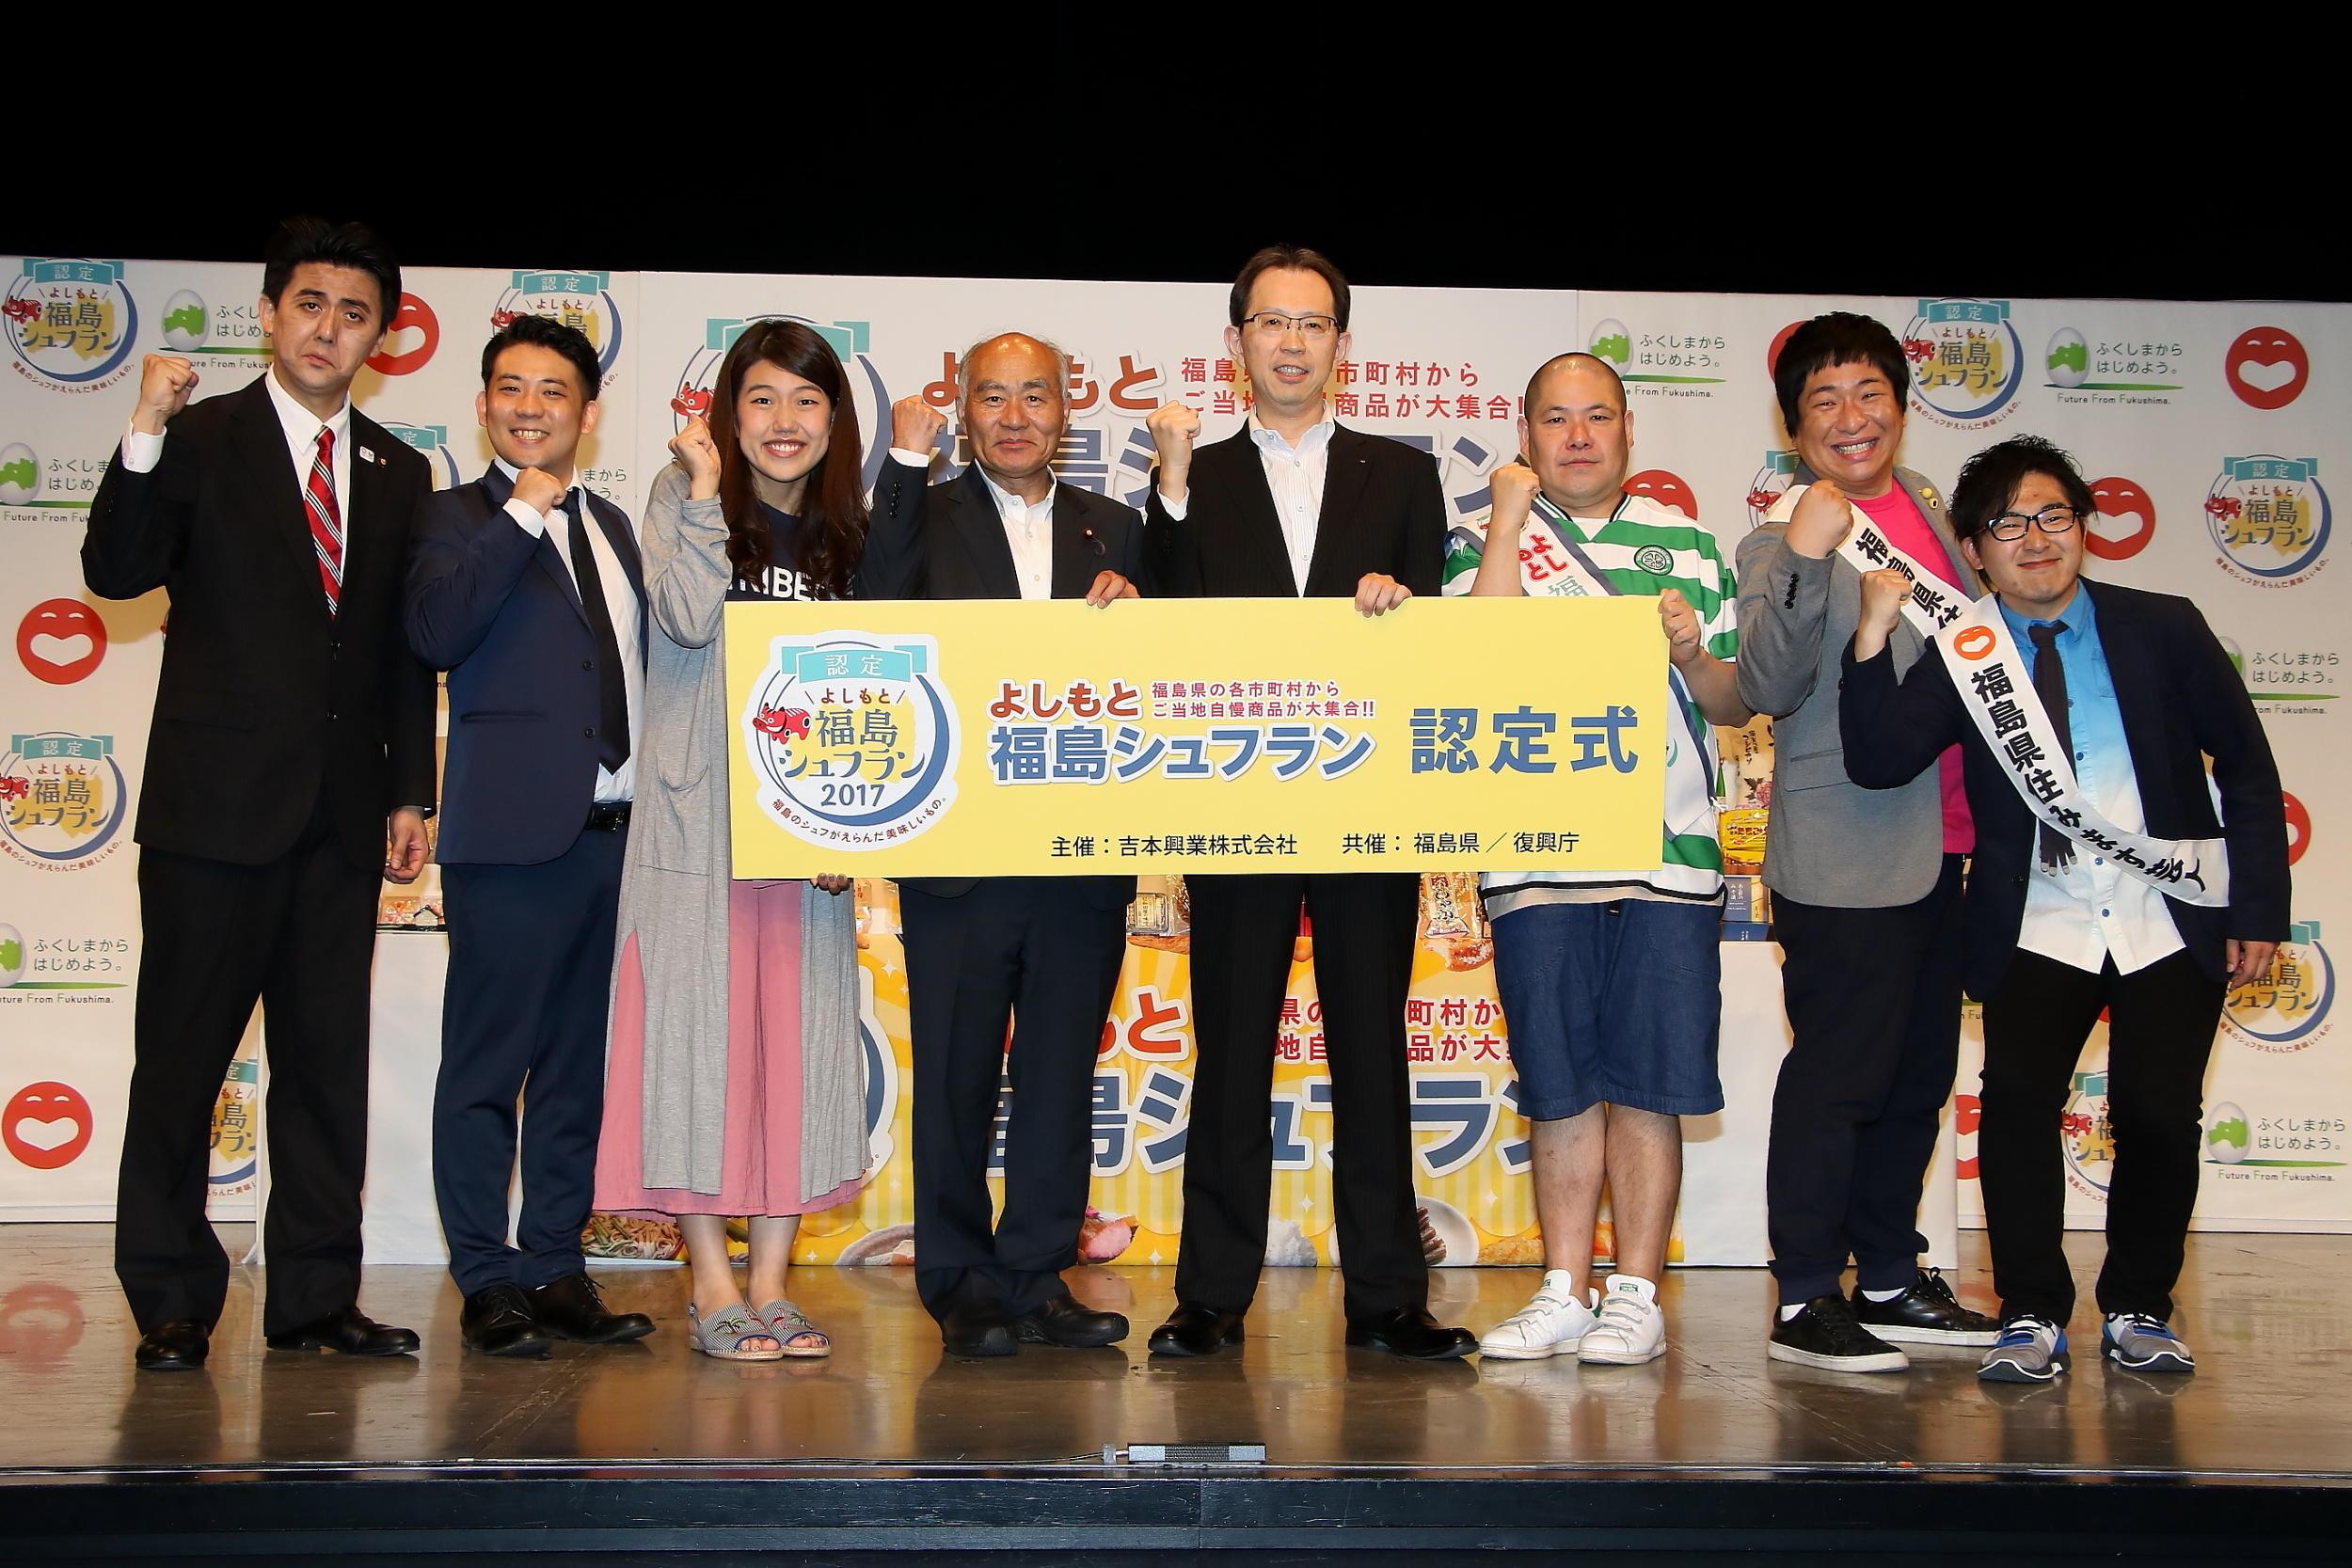 http://news.yoshimoto.co.jp/20170603005317-189a2b7c8fef562870611f0acfd6b9b36dc7534b.jpg